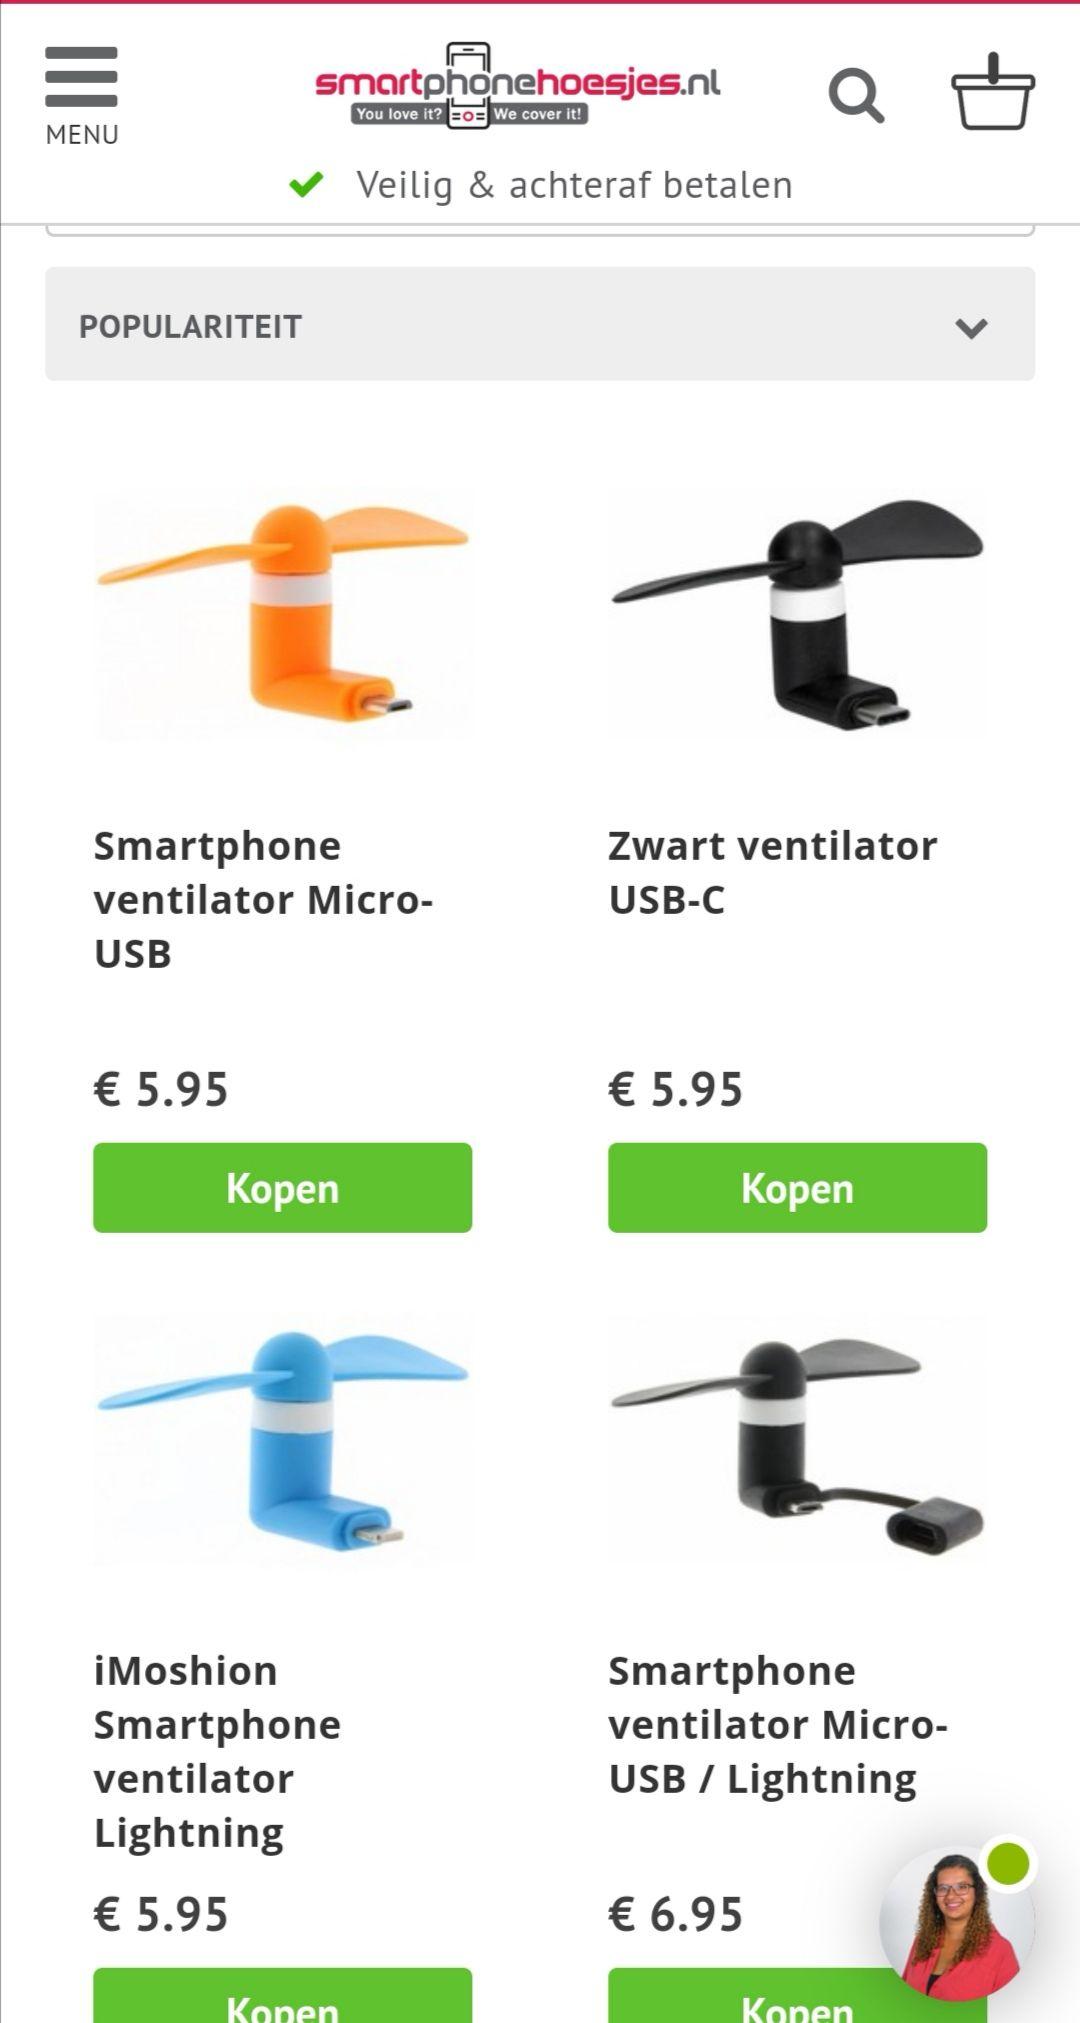 Gratis USB ventilator (Min. bestelwaarde 15 euro) @Smartphonehoesjes.nl